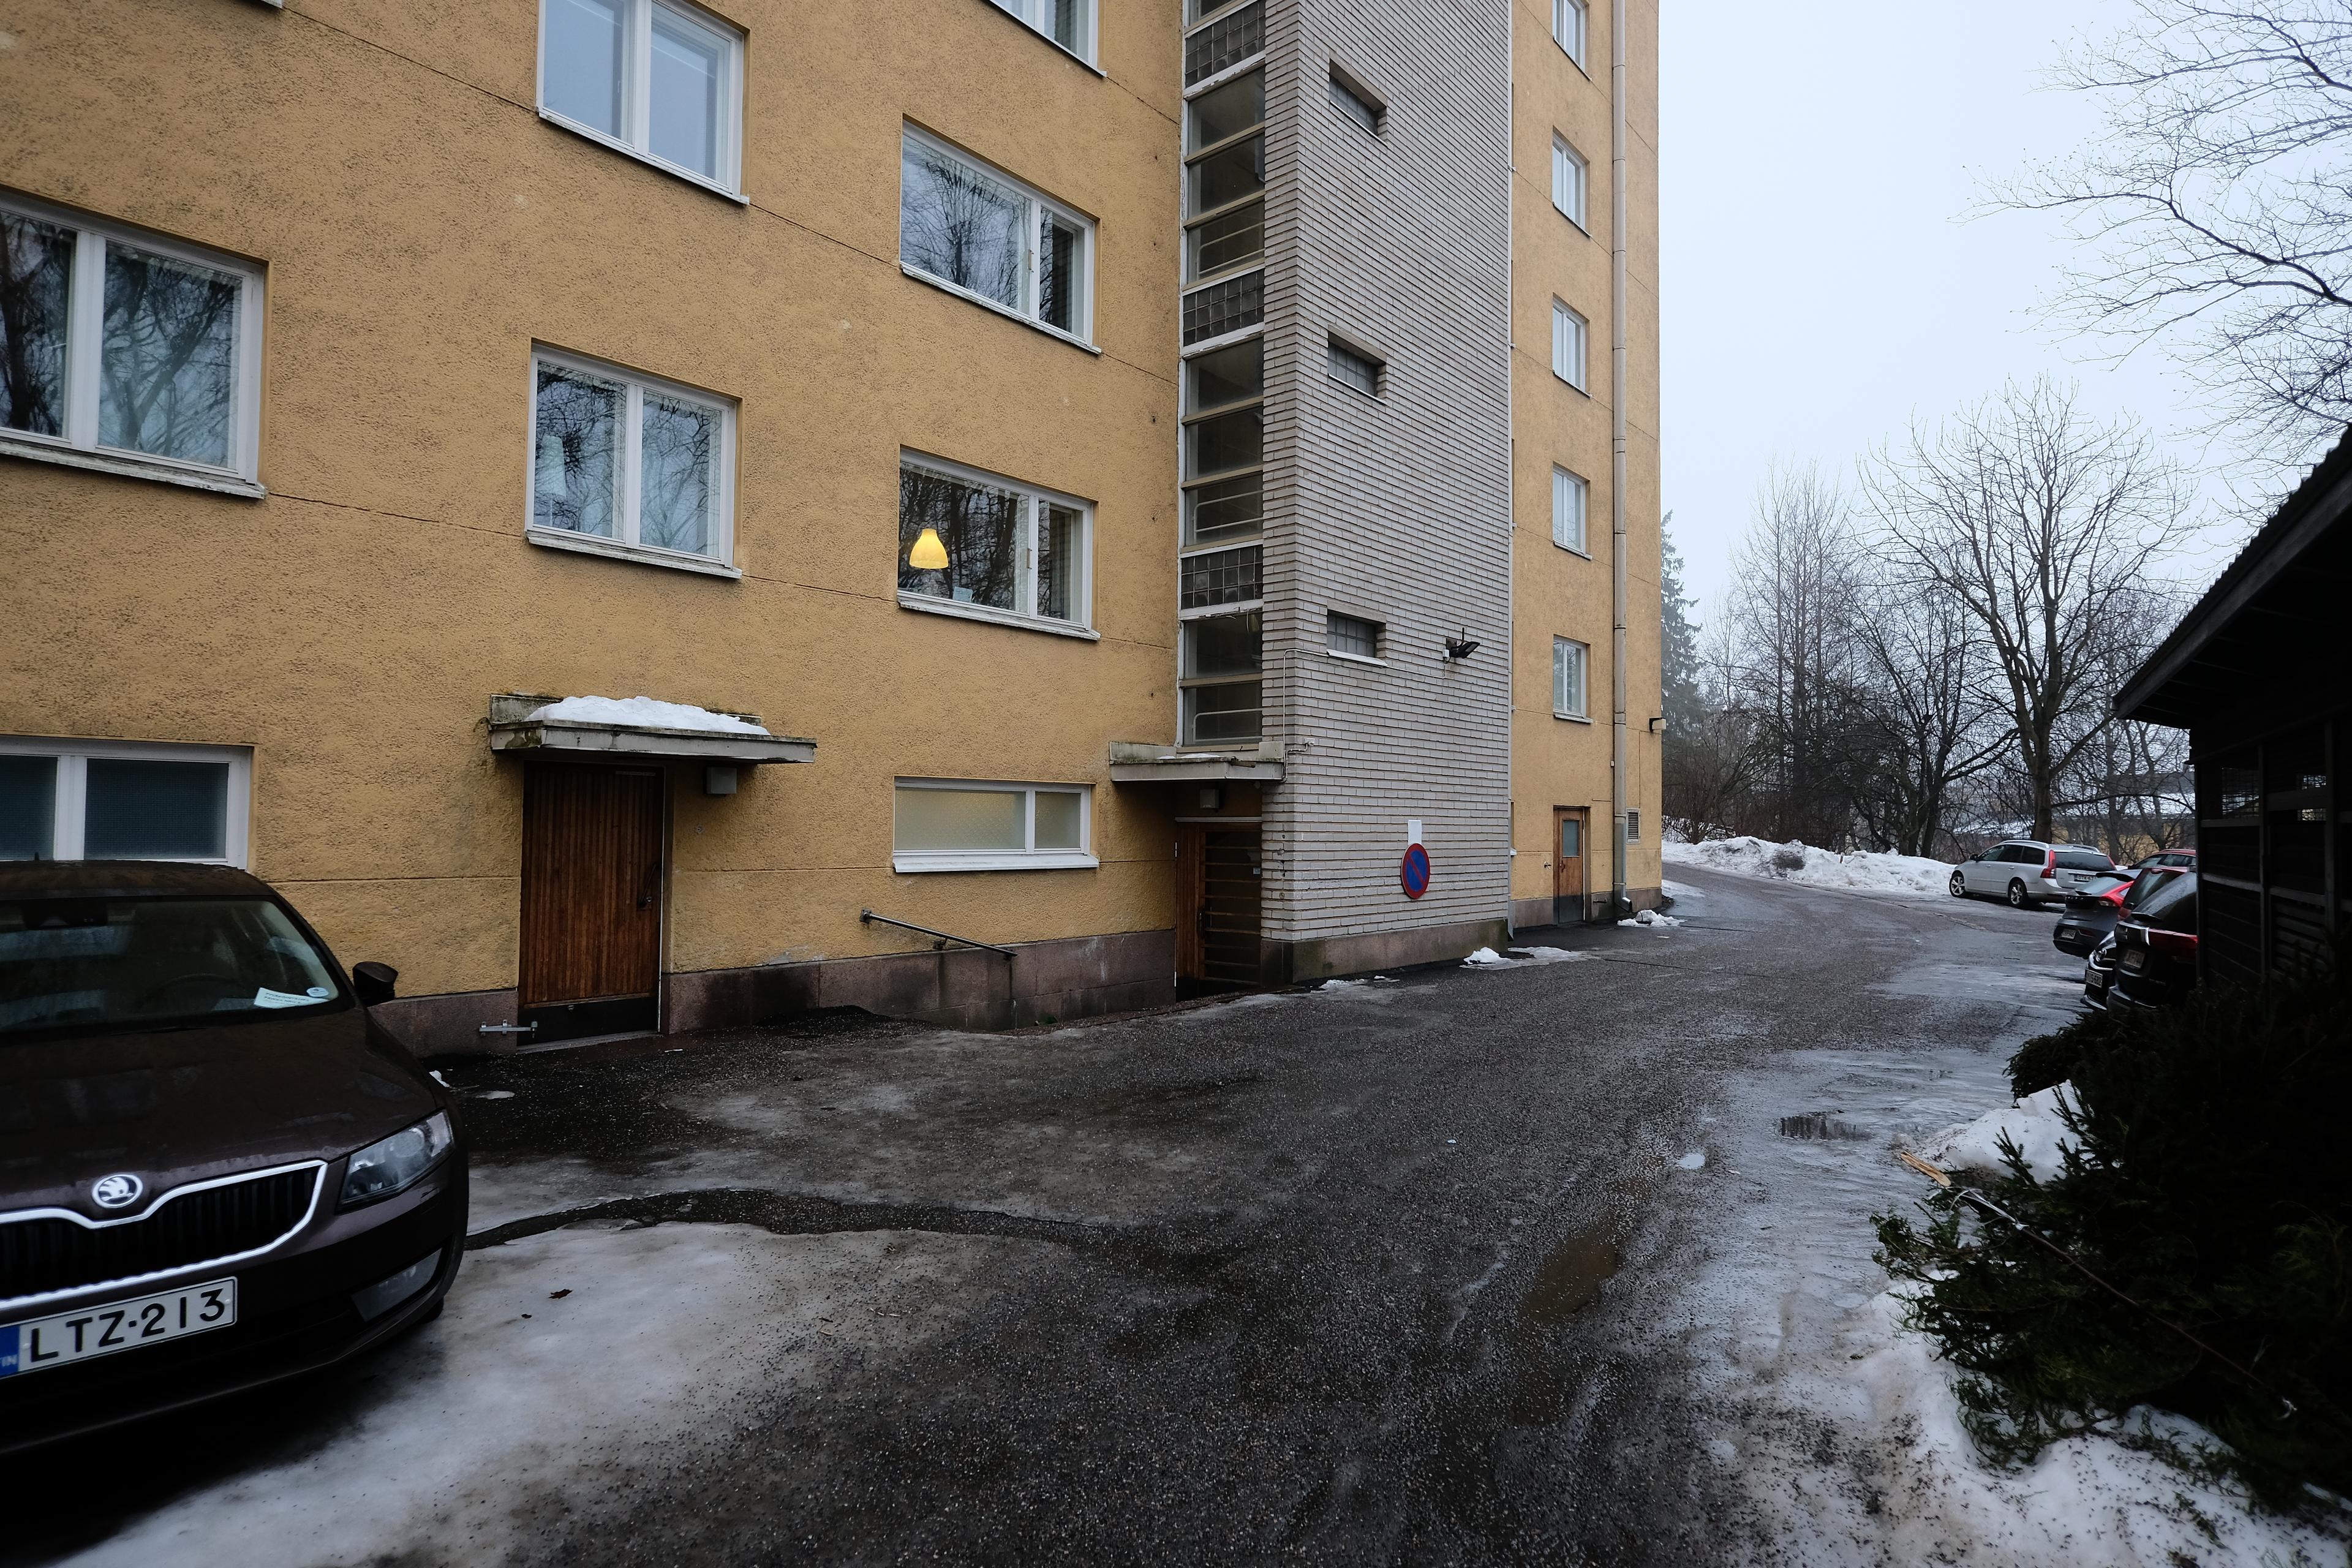 Toimitila, Pihlajatie 50-52, Meilahti, Helsinki